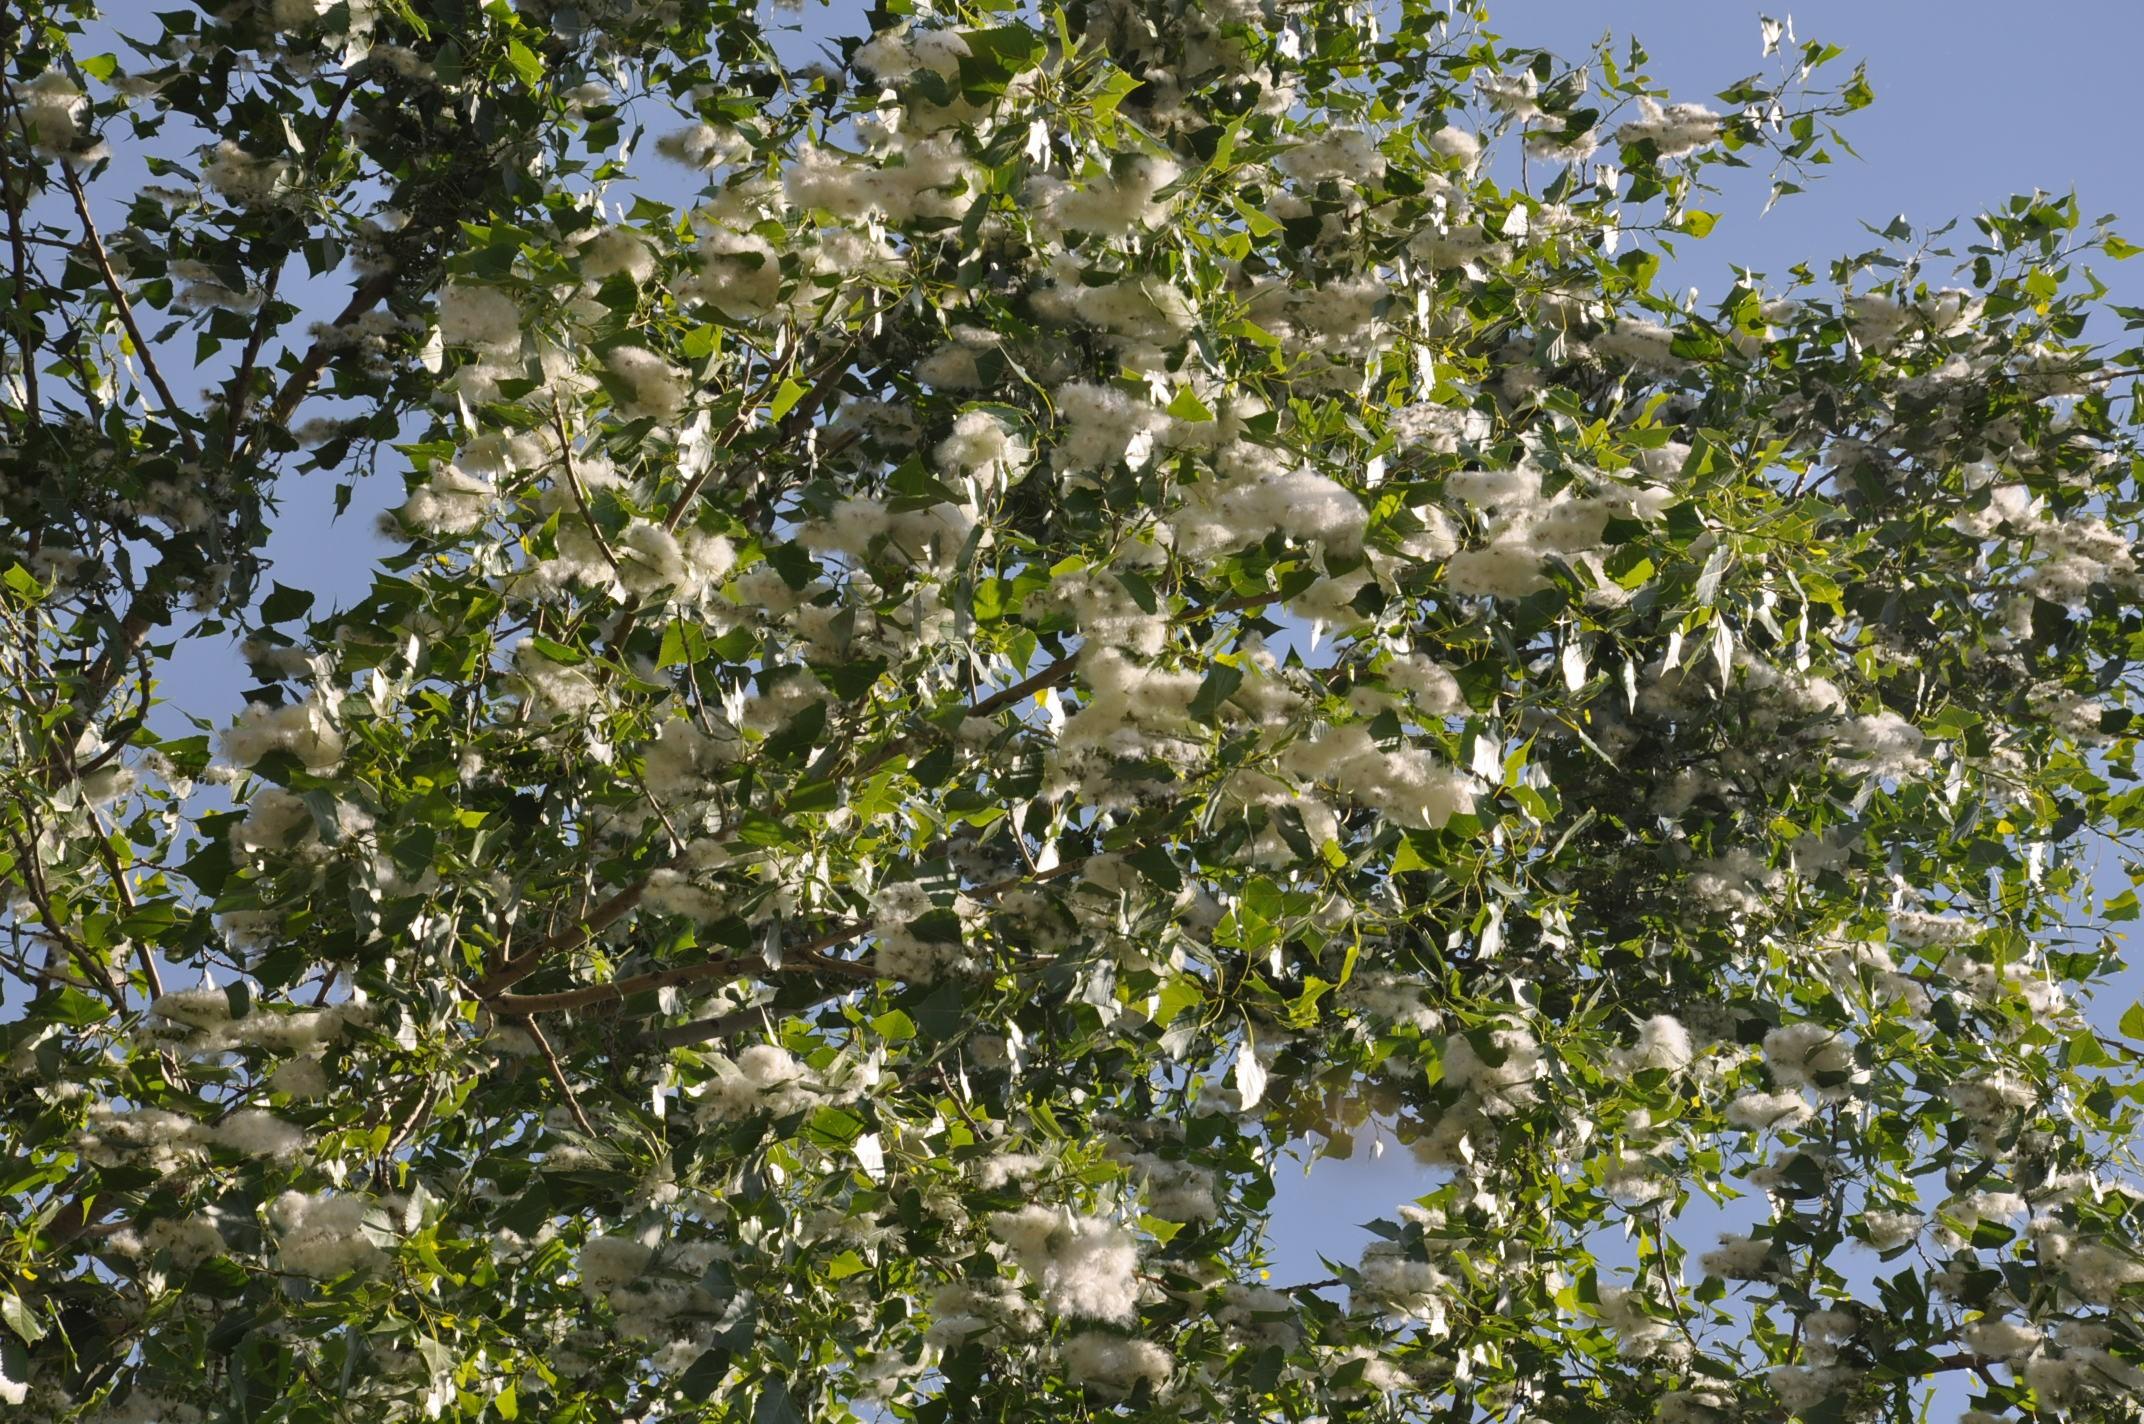 karsta-polenler-vatandaslari-rahasiz-ediyor--(2).jpg